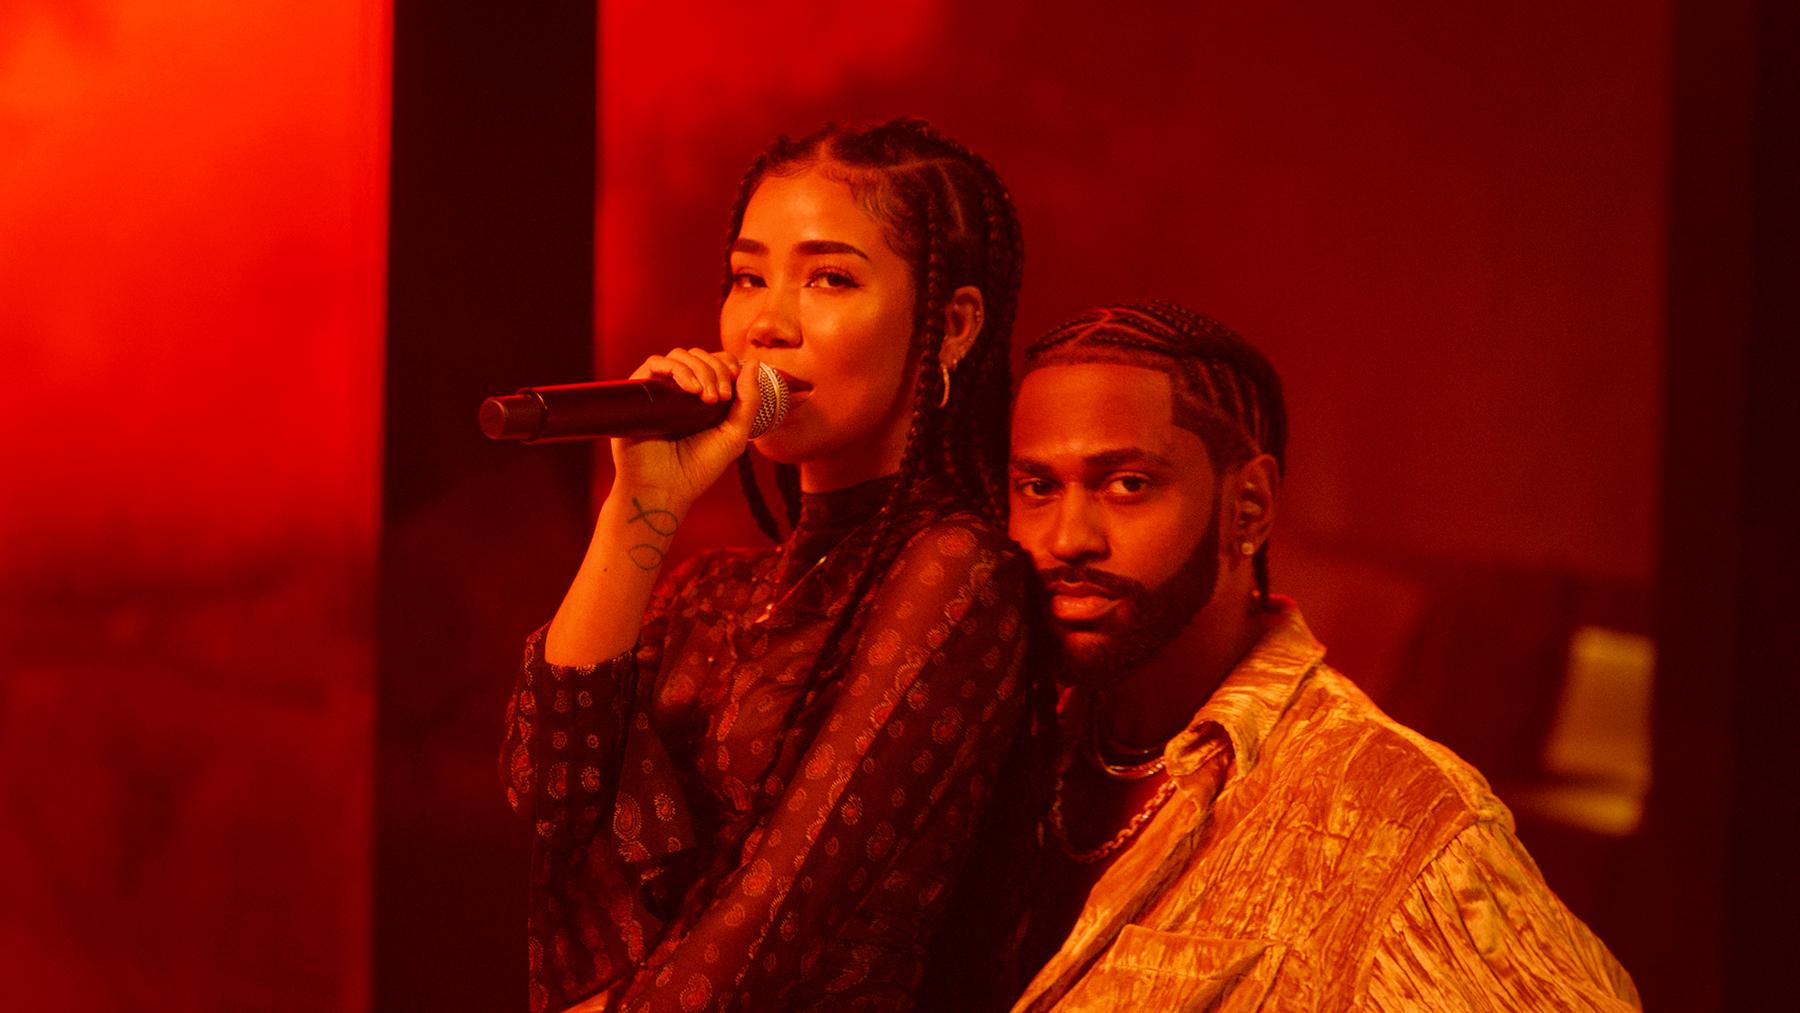 Big Sean and Jhené Aiko